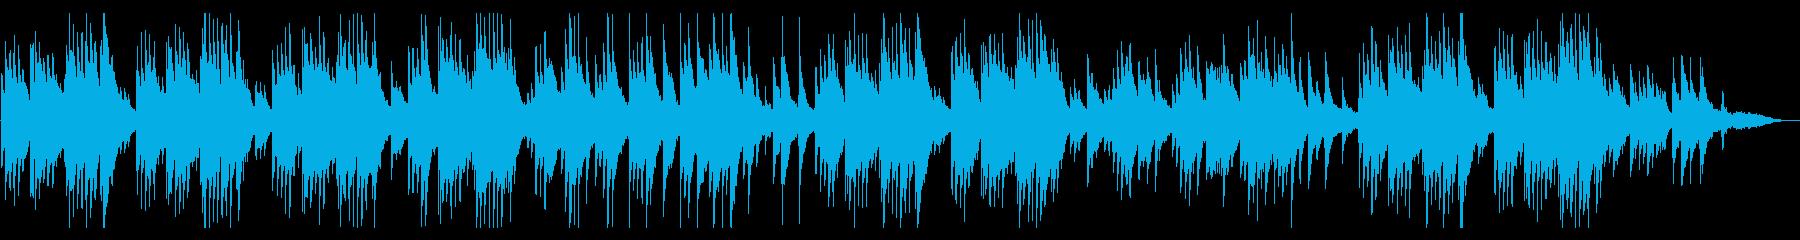 琴/ピアノ/情緒溢れる癒しの和風曲の再生済みの波形